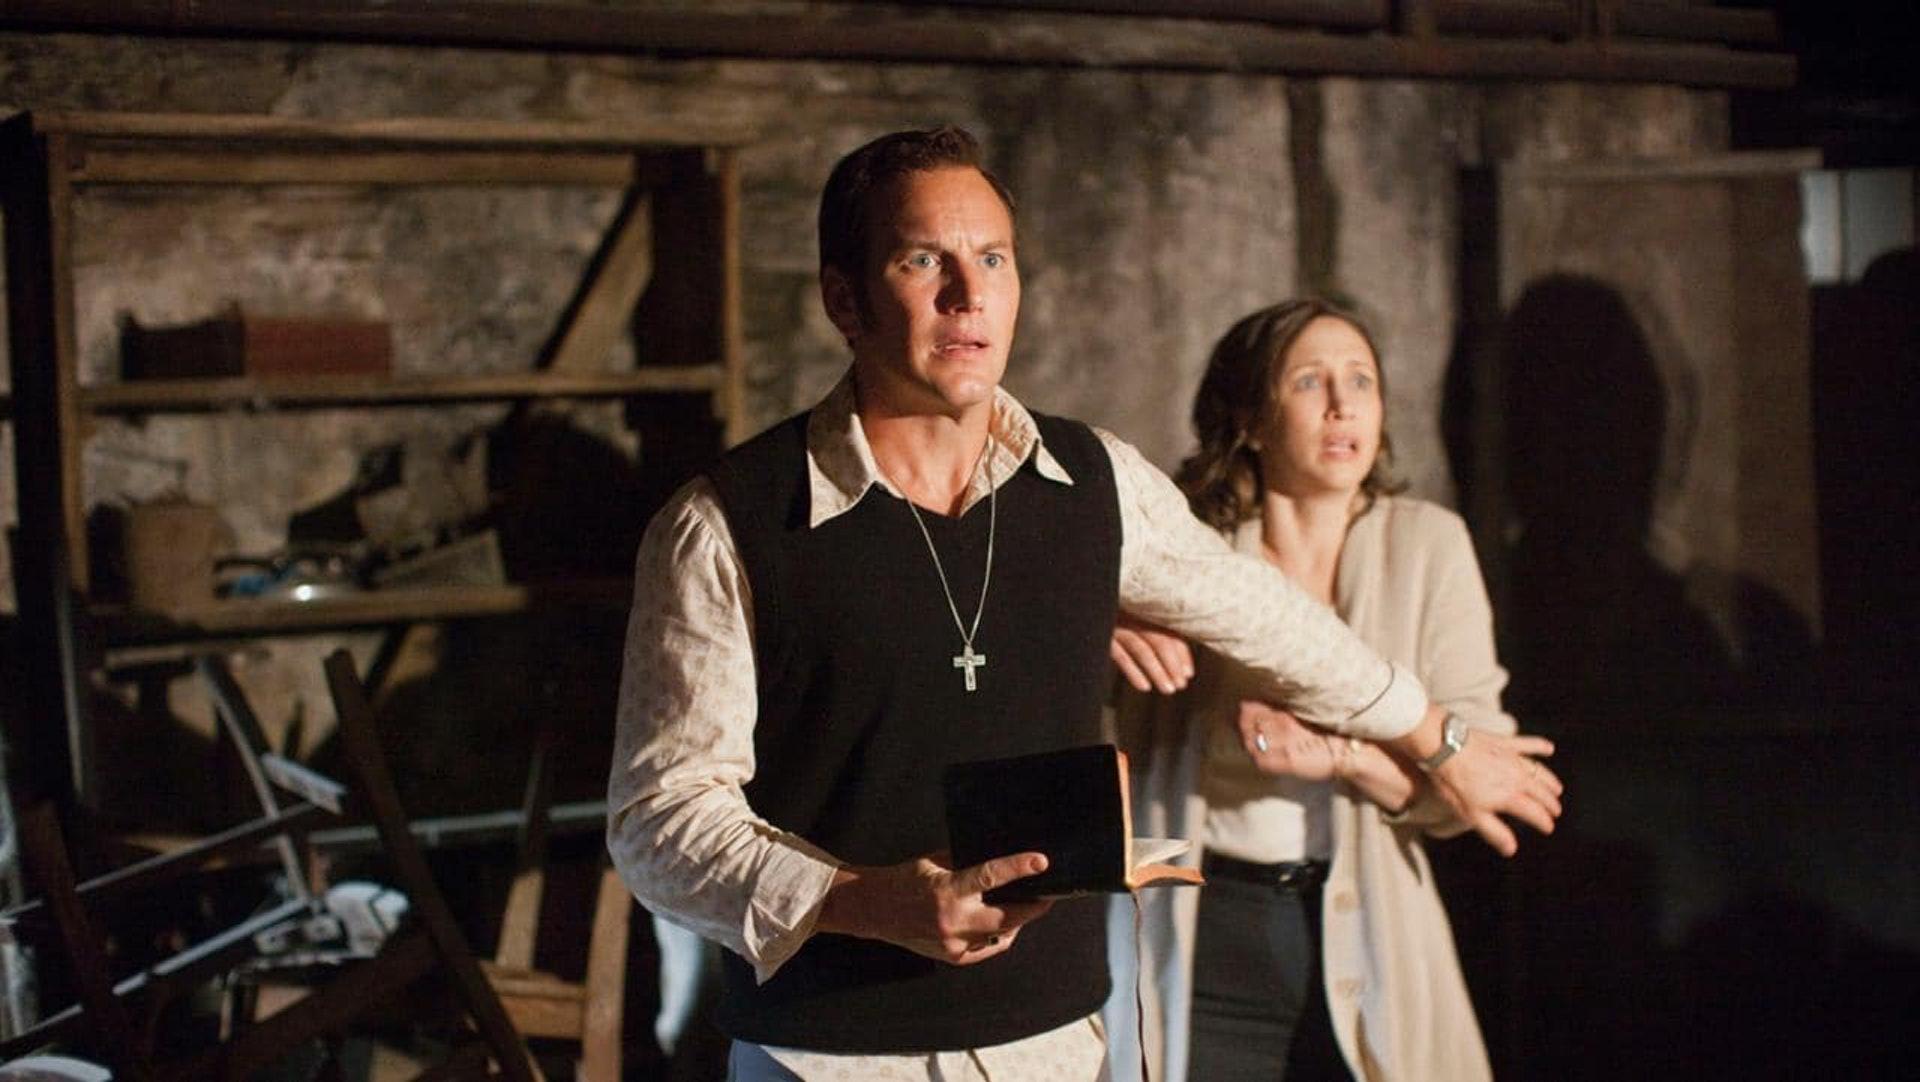 The Conjuring: The Devil Made Me Do It kan bli en av årets bästa filmer 2021